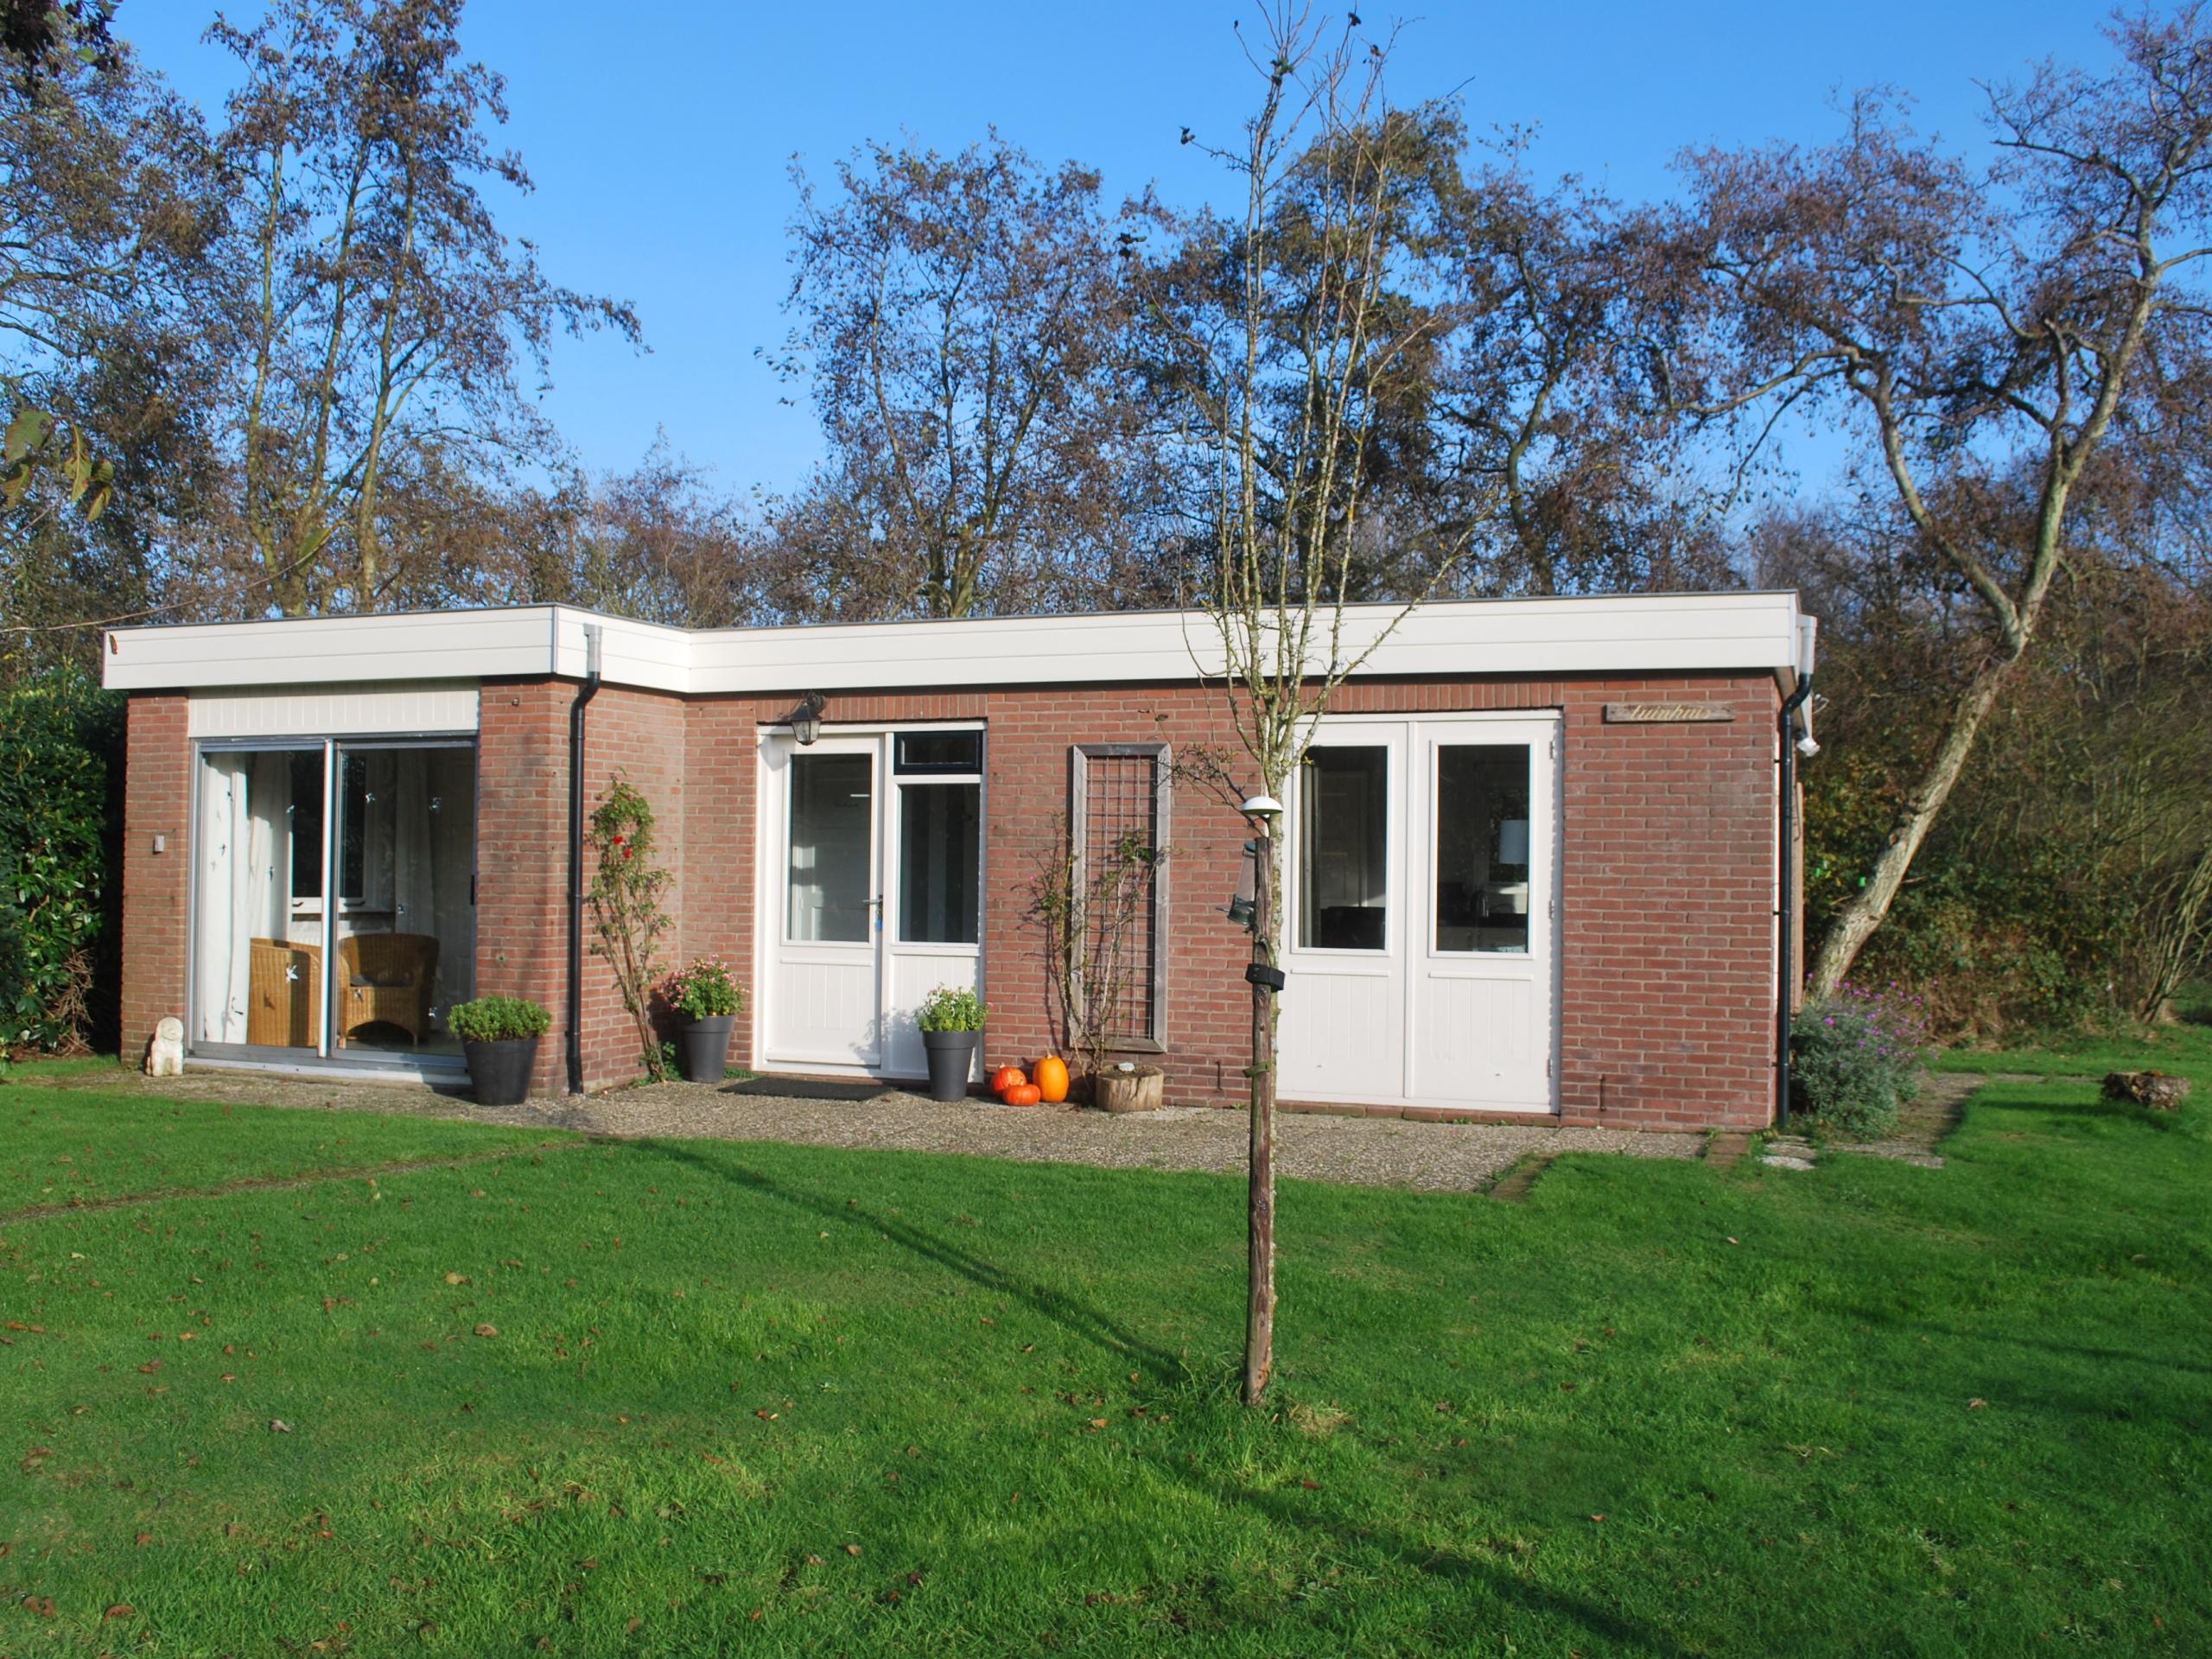 Natürlich gelegenes Ferienhaus mit großem Garten etwas außerhalb von De Koog